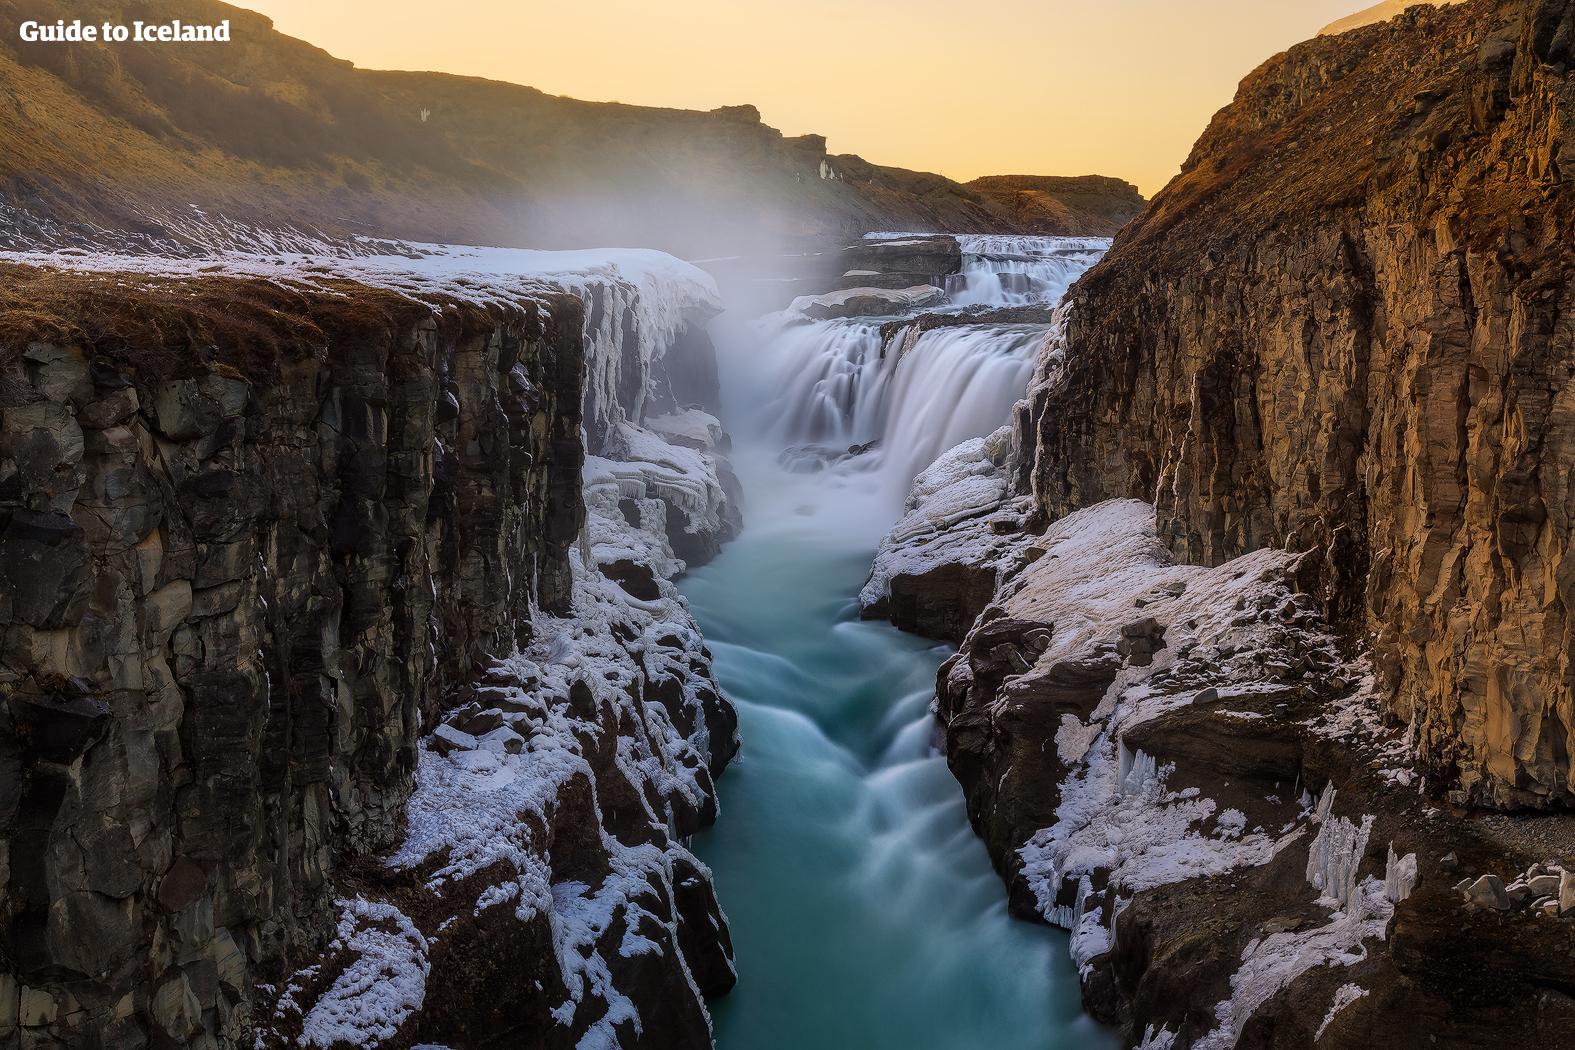 冰岛南岸的黄金瀑布落入一处古老的壮观峡谷,冬季时冰雪覆盖,更显壮丽。